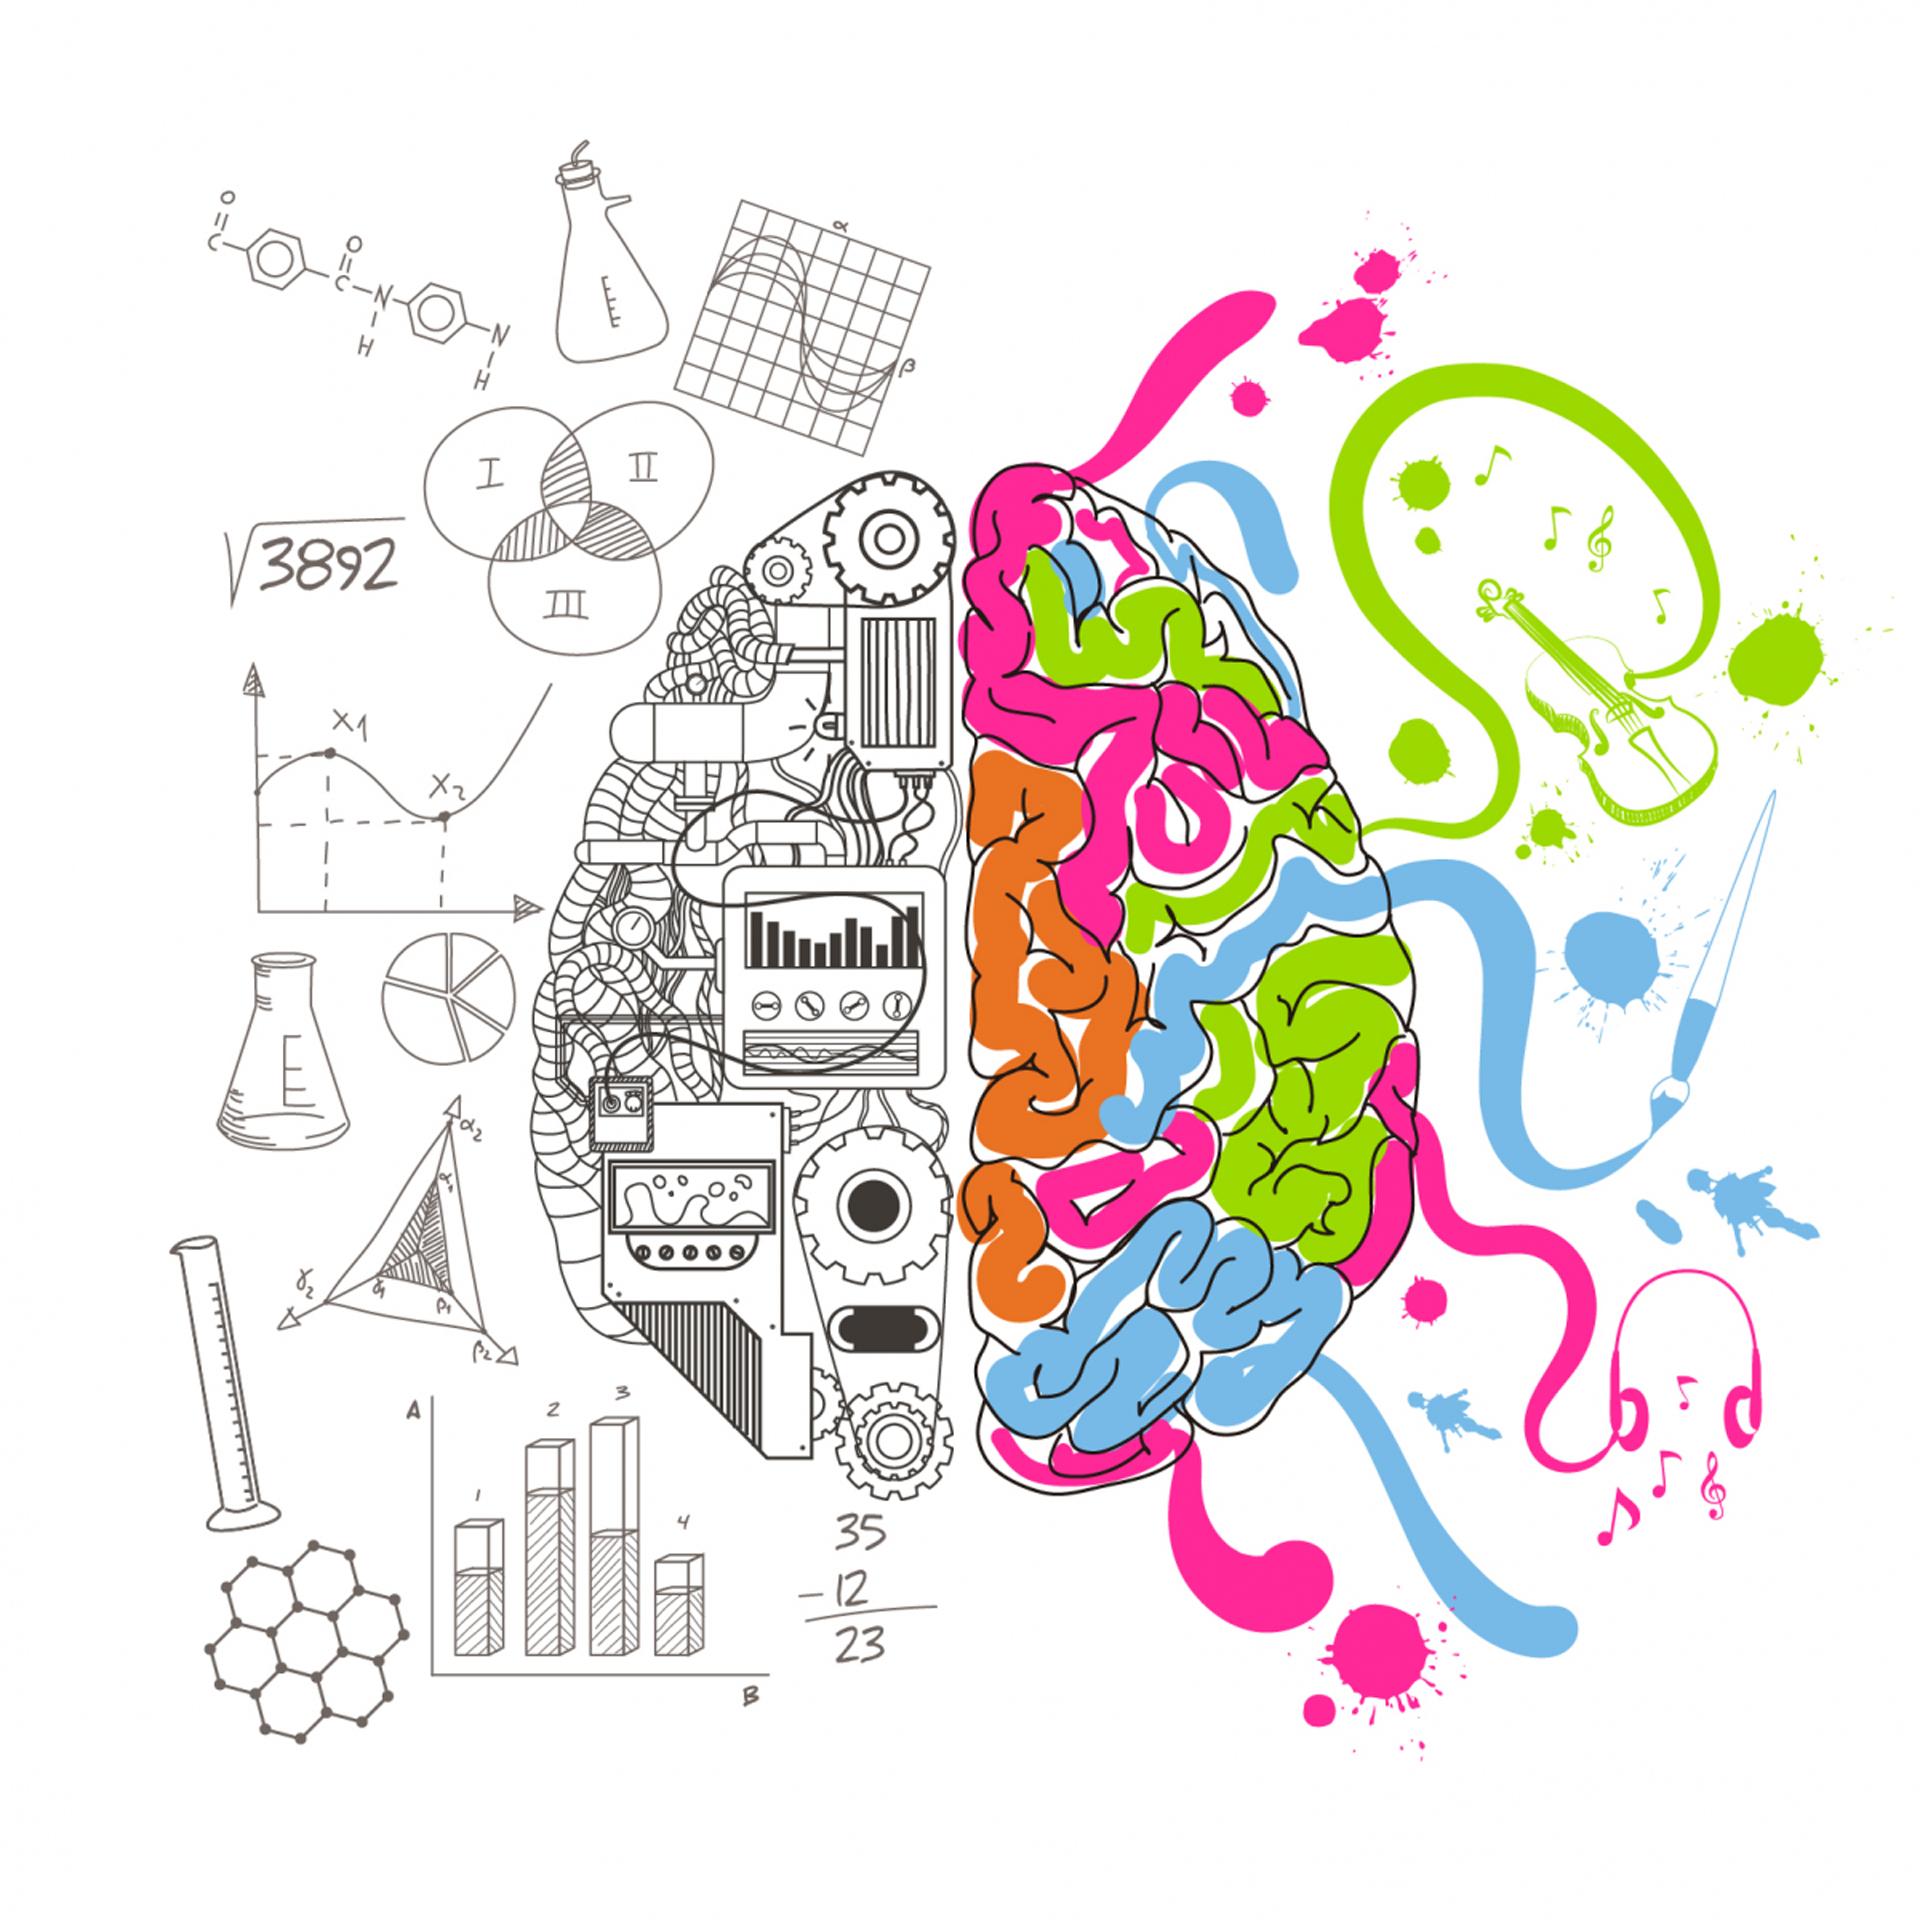 Actividades, talleres y conciertos son algunos de los principales eventos promovido por el Espacio Fundación Telefónica Argentina